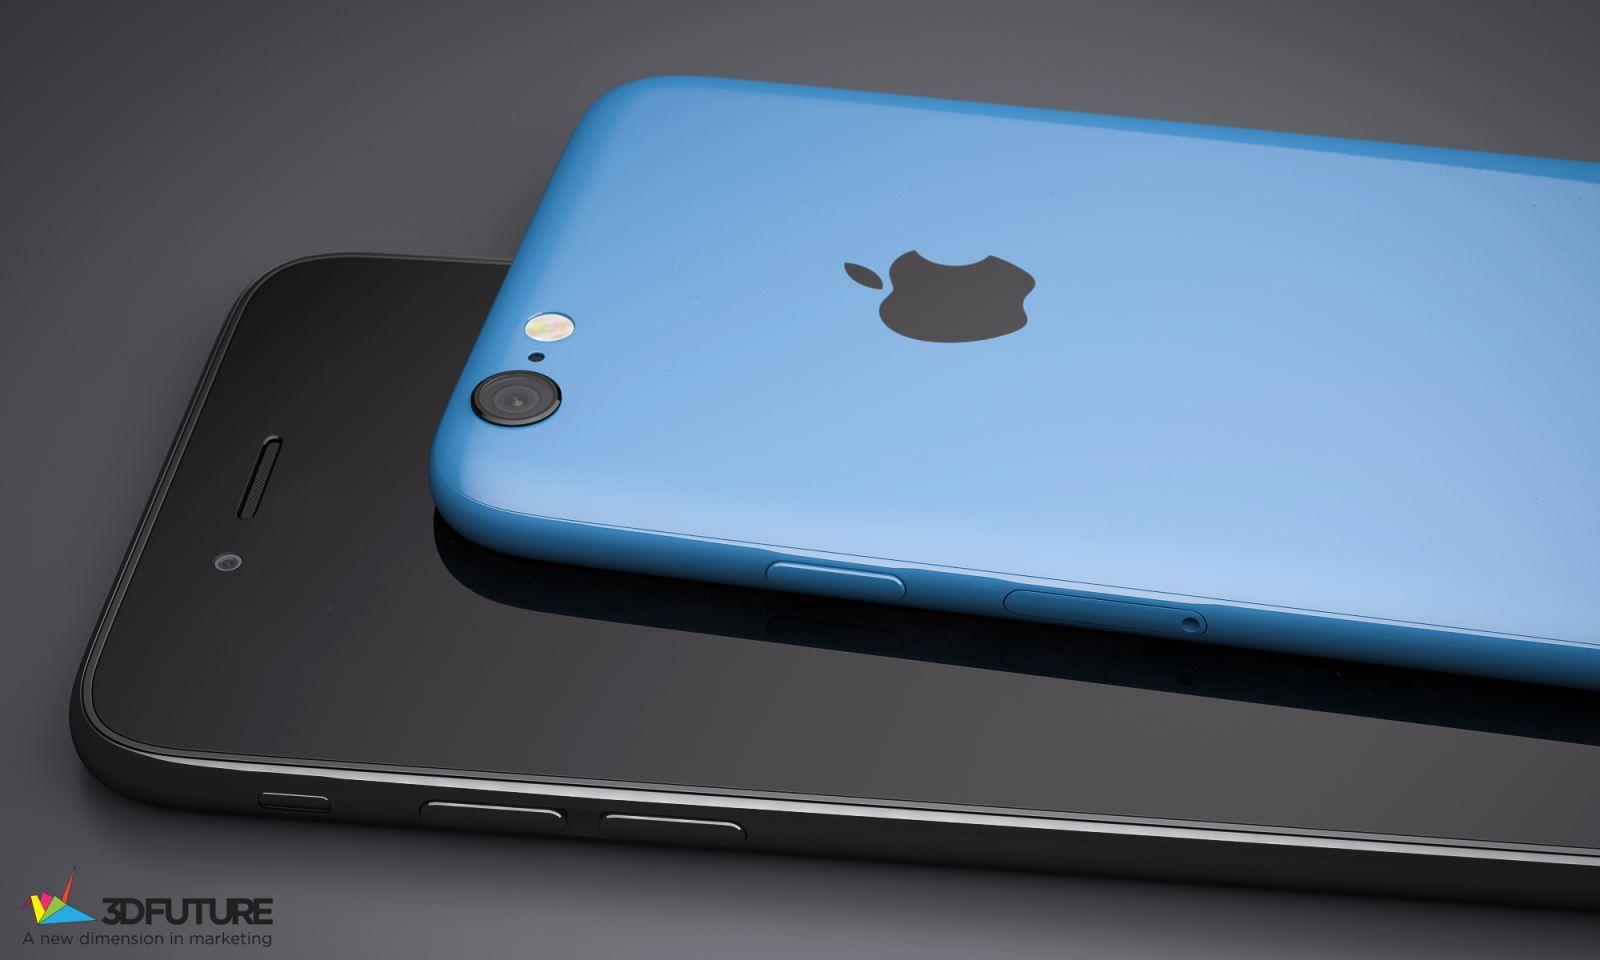 iPhone giá rẻ sẽ ra mắt vào mùa xuân năm sau? 1